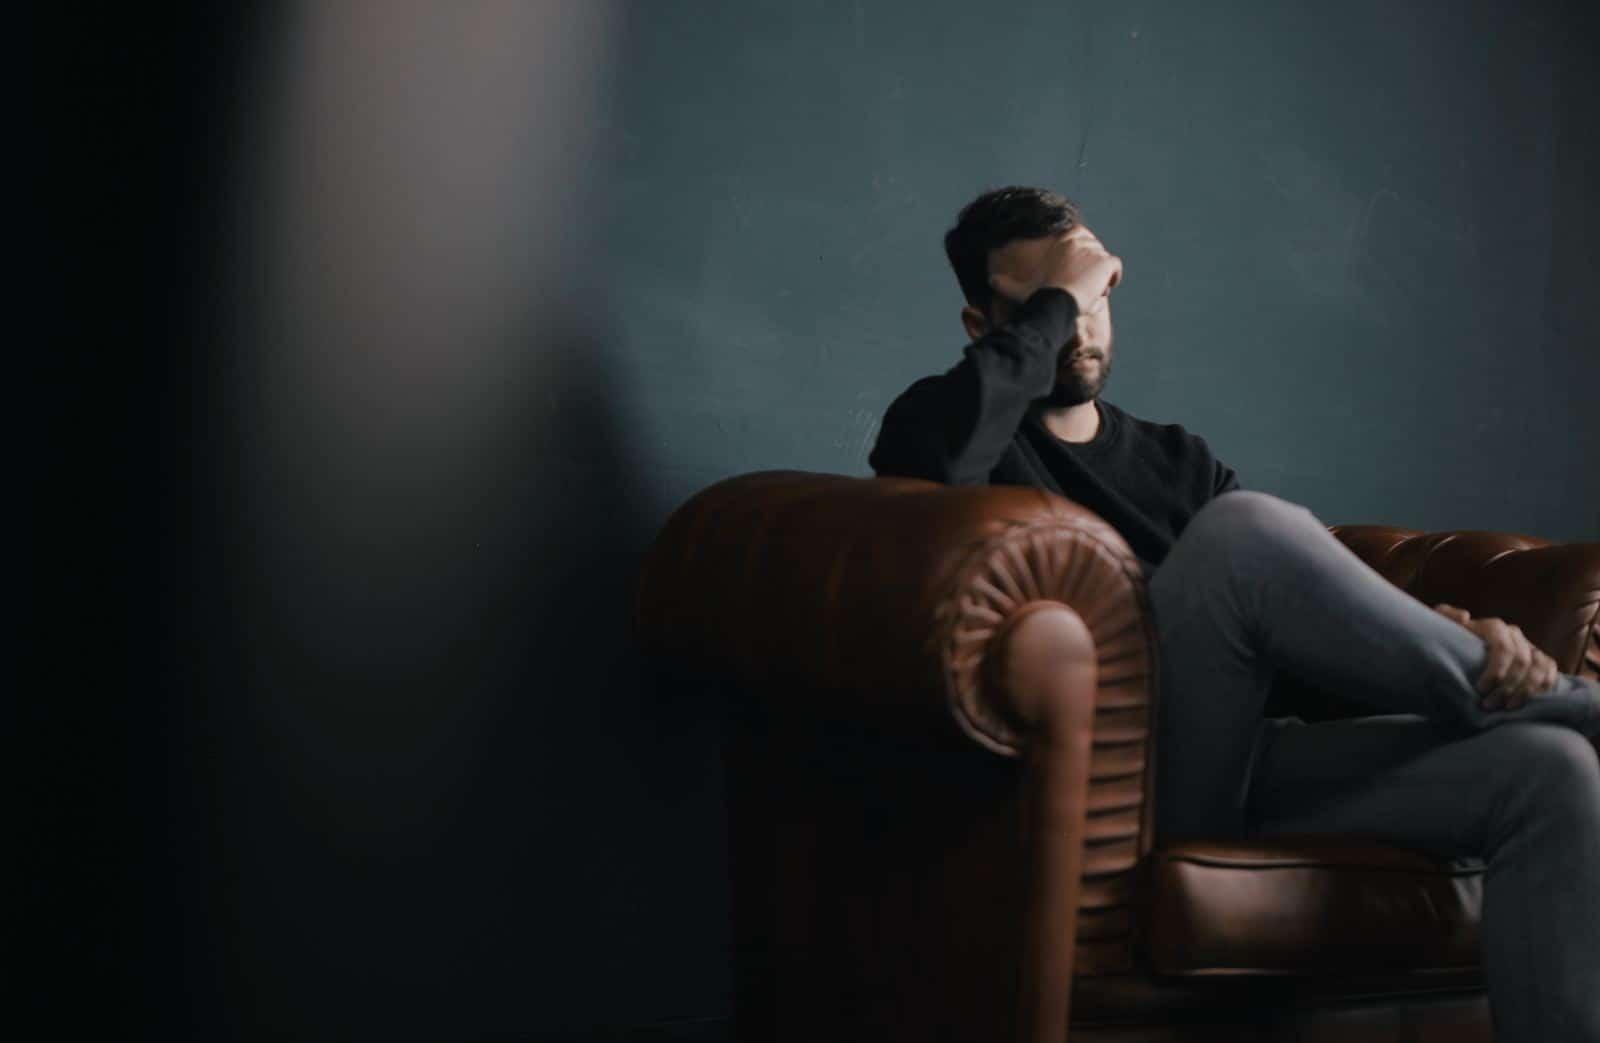 апатия провоцирует уныние